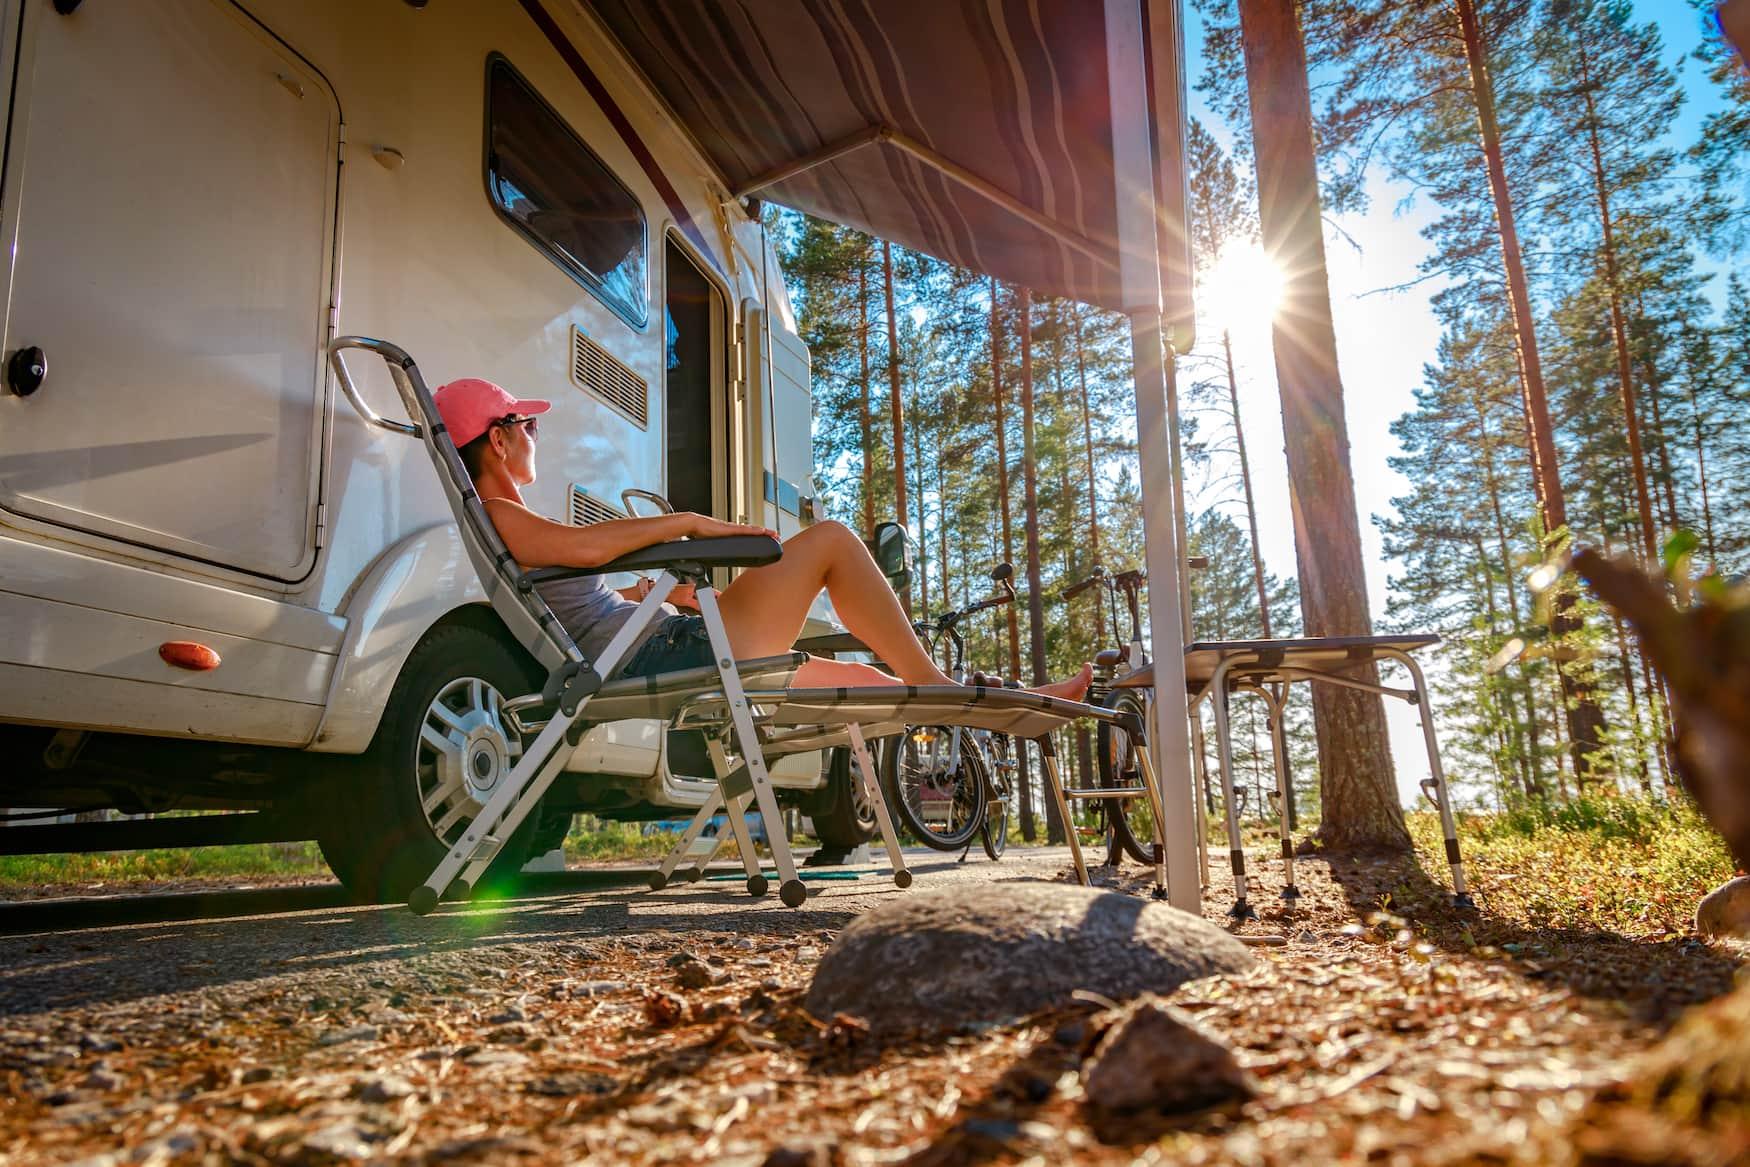 Frau sitzt auf Campingstuhl vor ihrem Wohnmobil auf einem Campingplatz